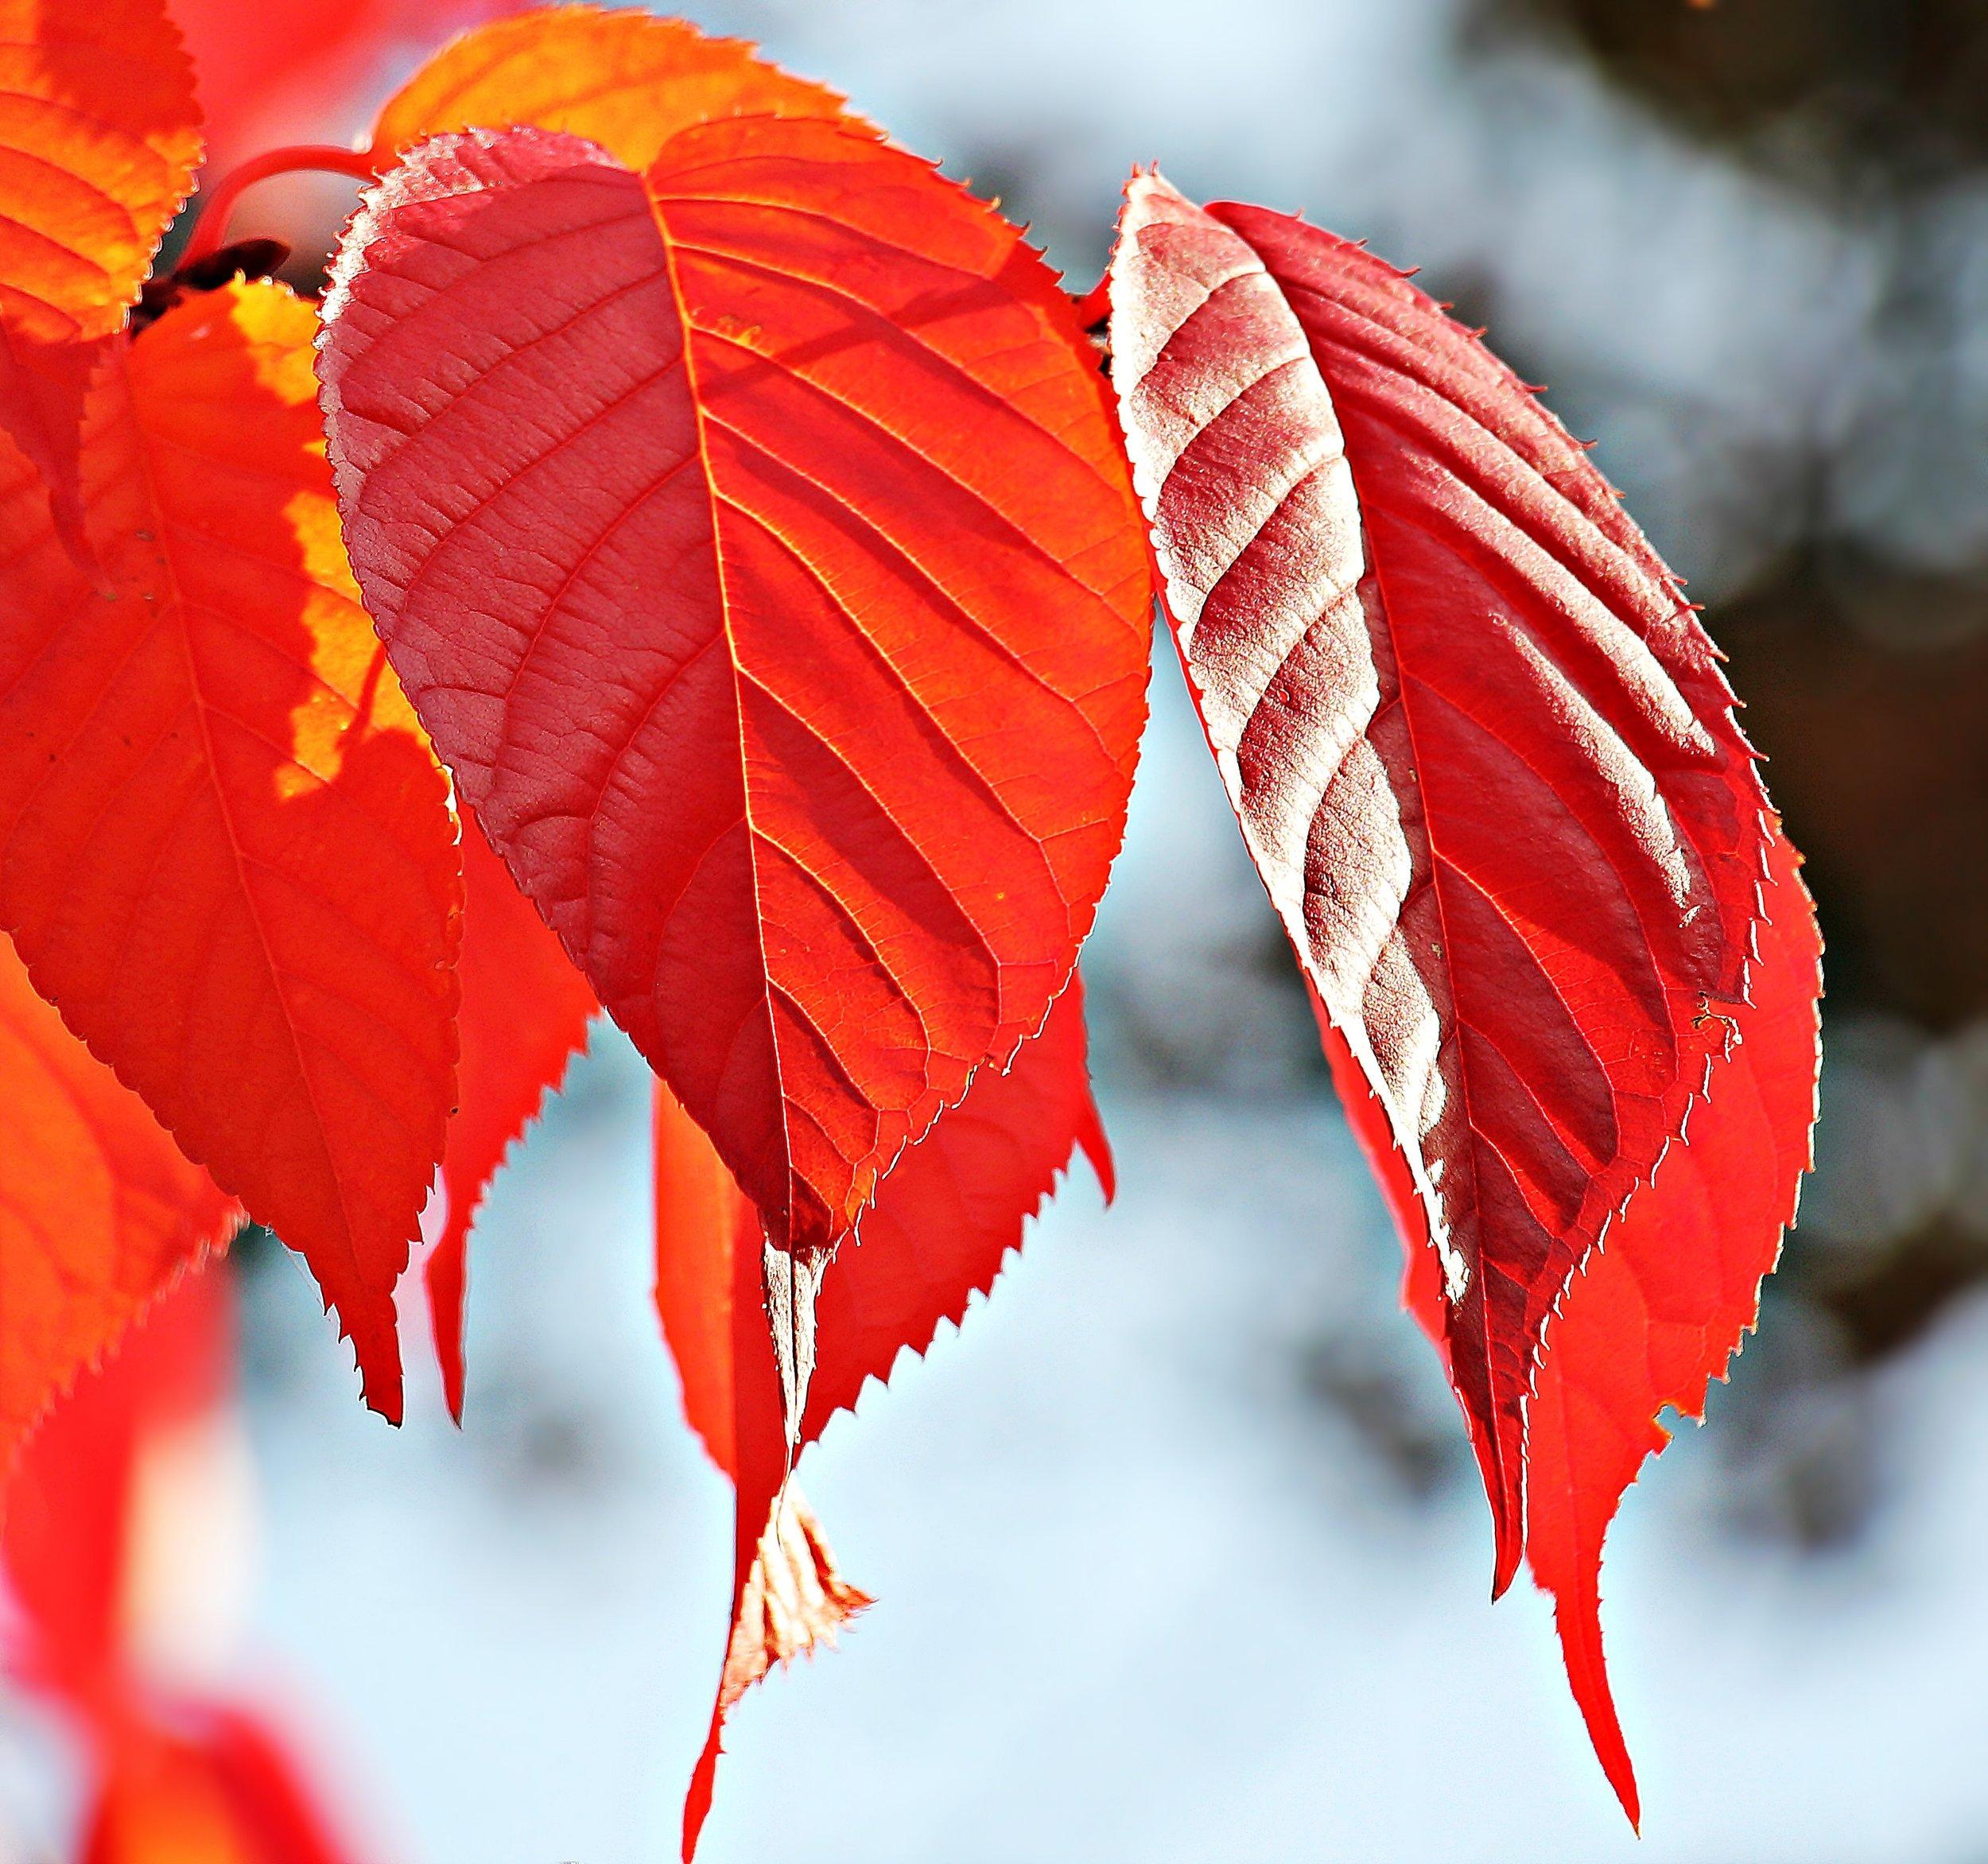 autumn-autumn-colours-autumn-leaves-219839.jpg